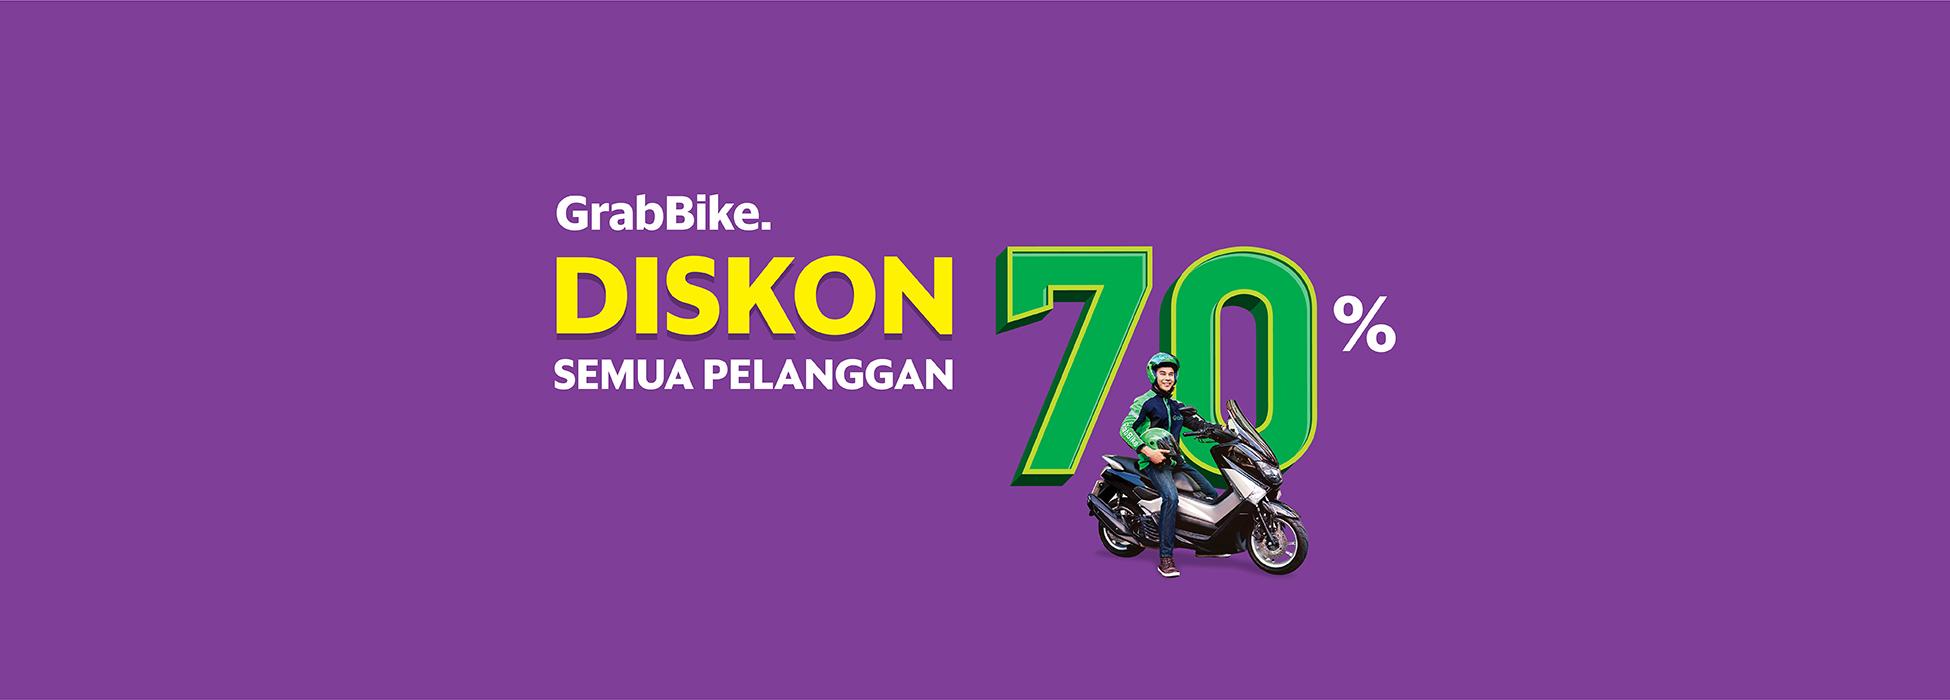 Siang Sore Diskon 70 Pakai Grabbike Grab Id